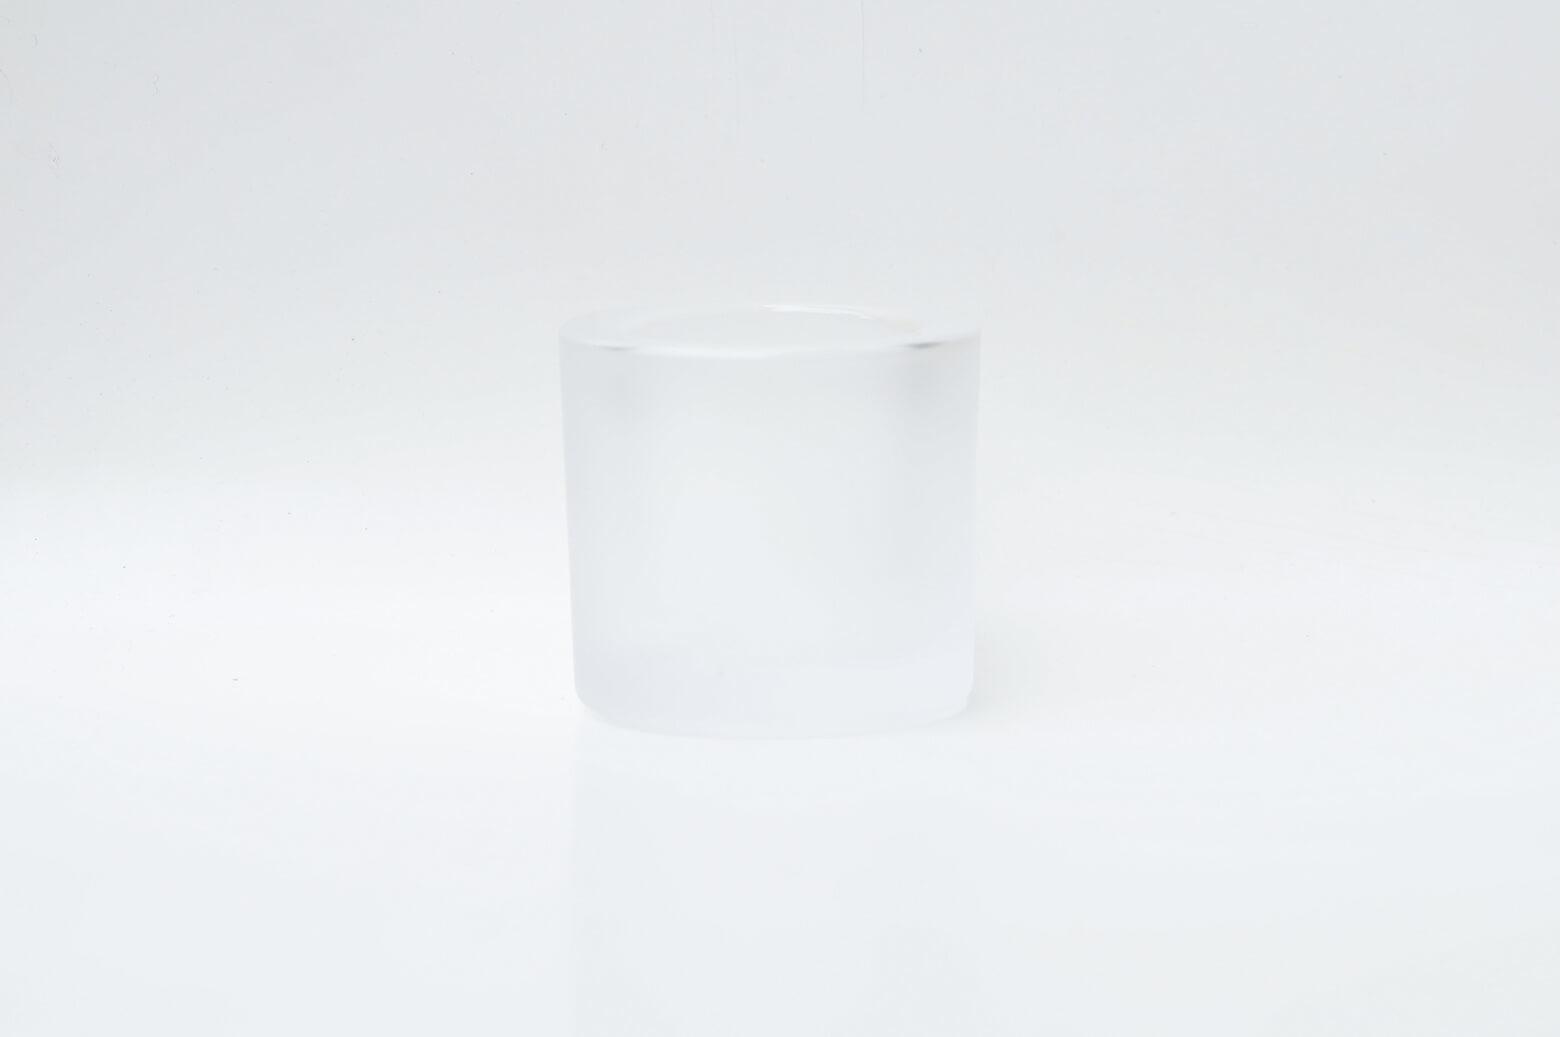 iittala × marimekko Candle Holder Kivi Frost 2 / イッタラ マリメッコ コラボ キャンドル ホルダー キビ フロスト 2